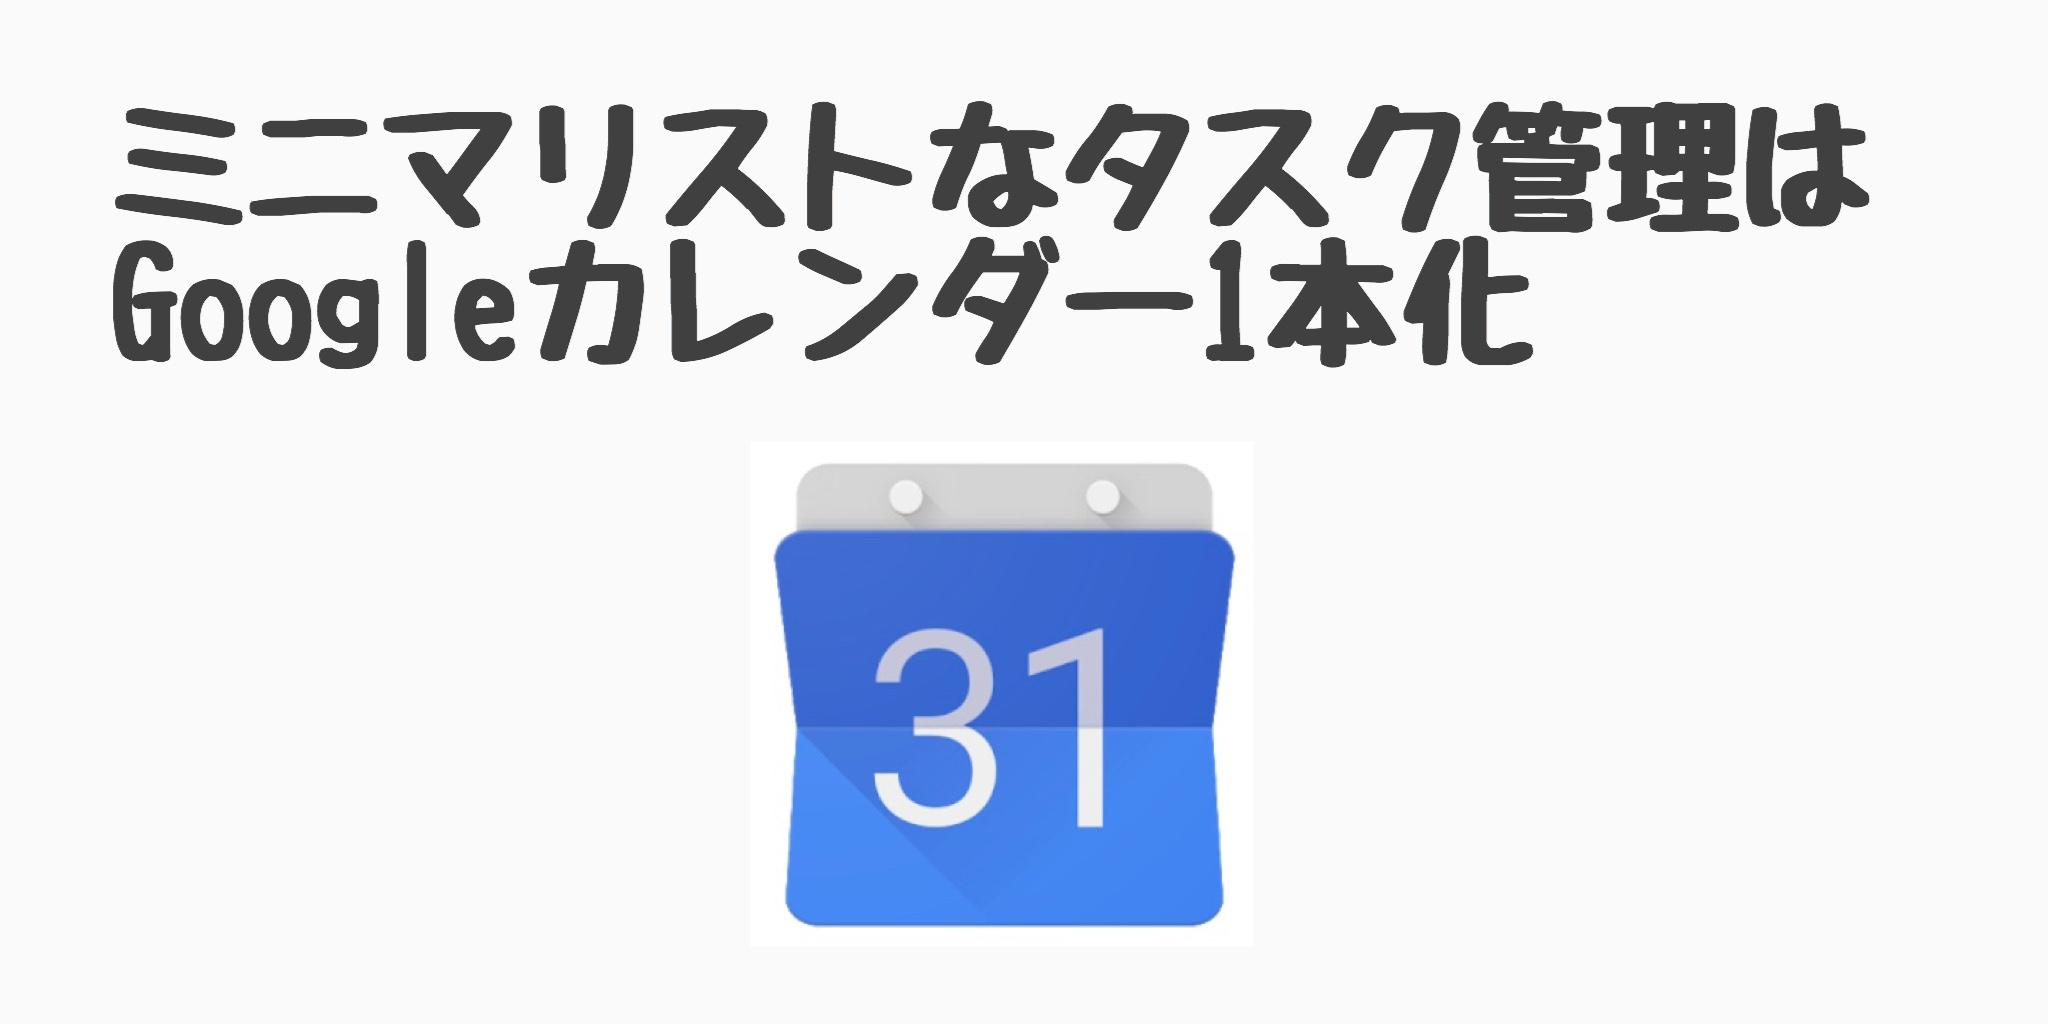 ミニマリストなタスク管理はGoogleカレンダー1本化